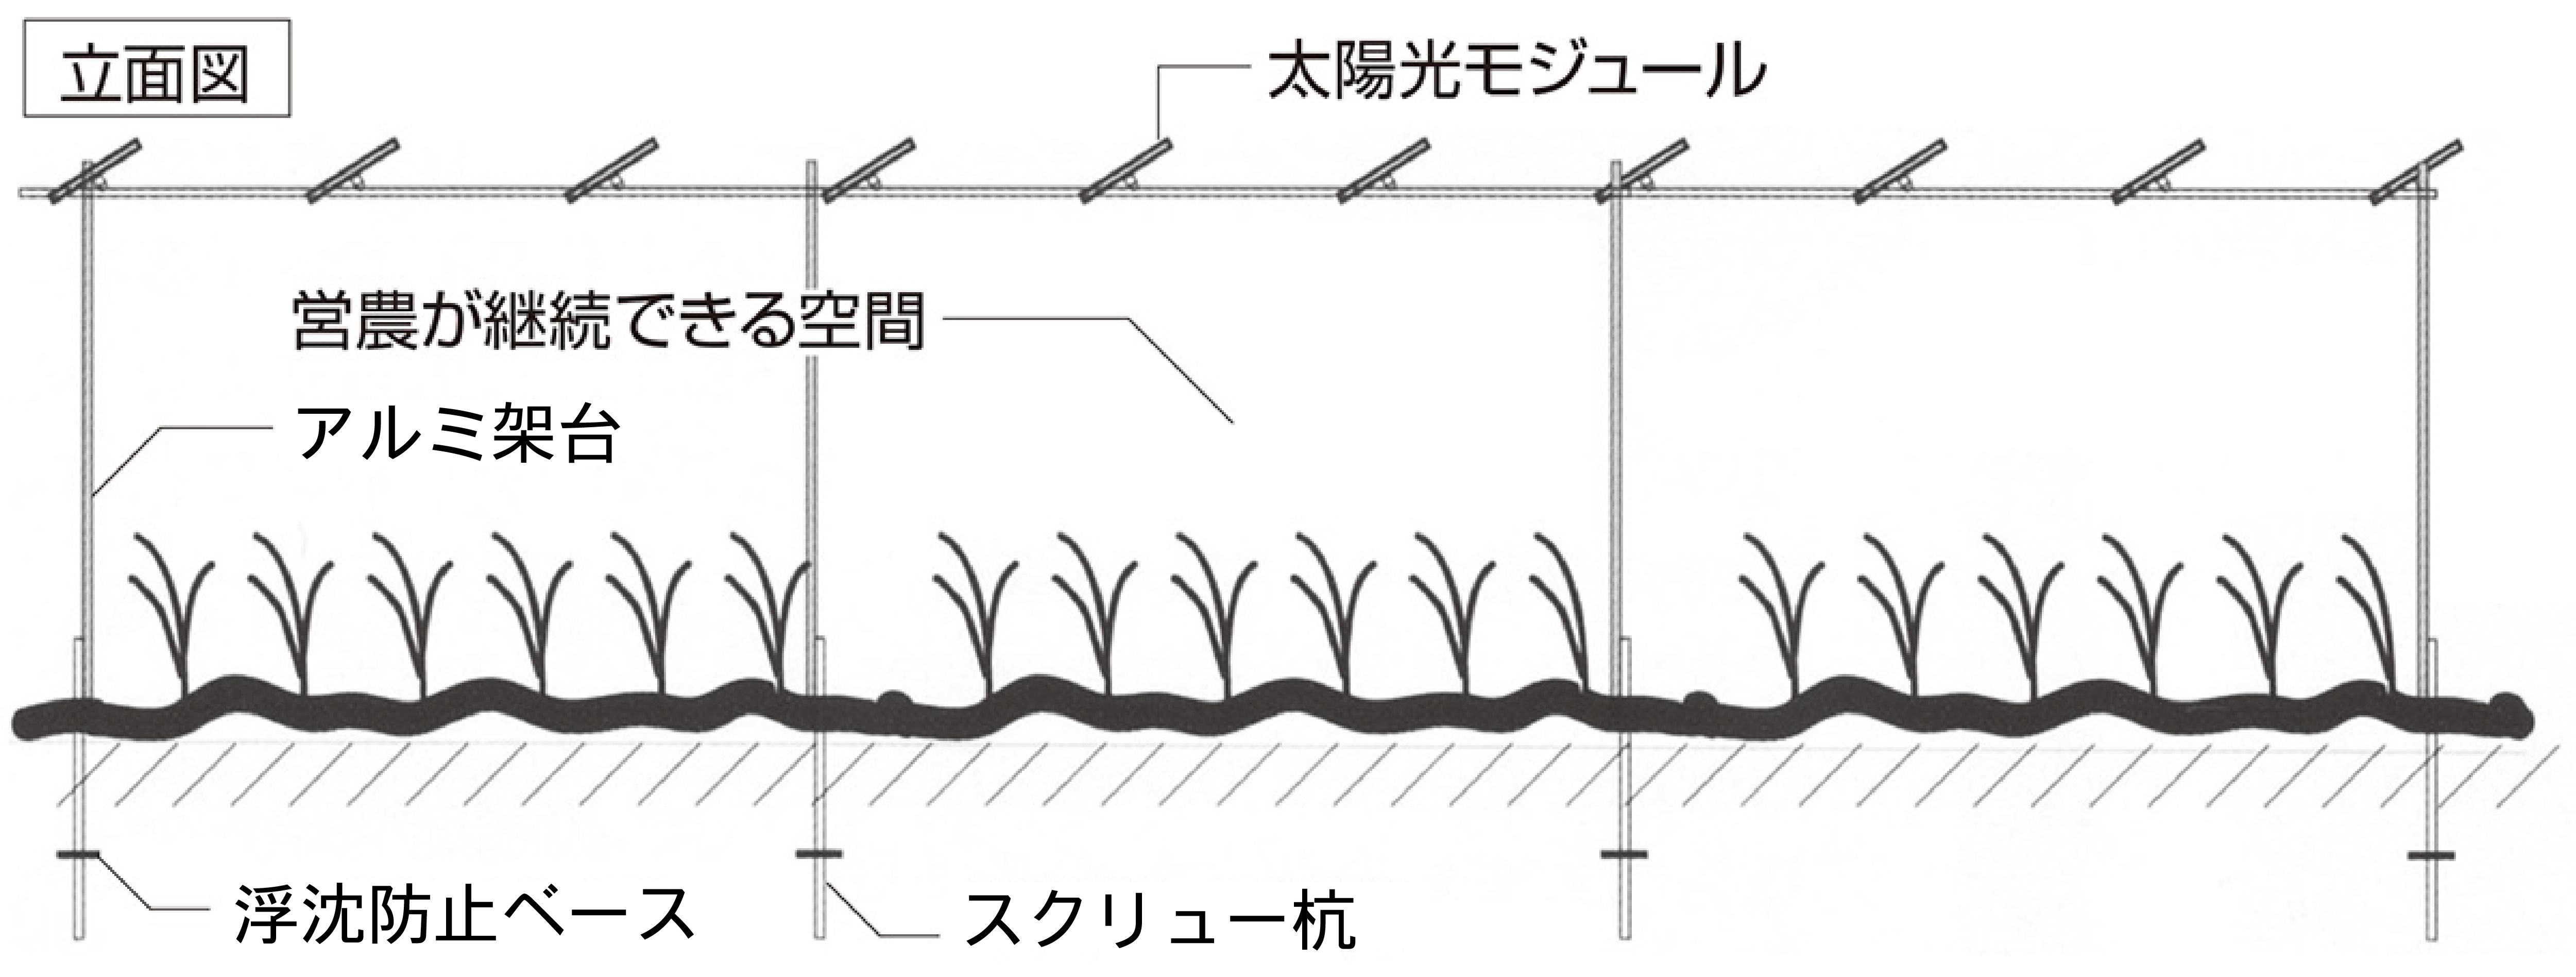 ソーラーシェアリングの原理